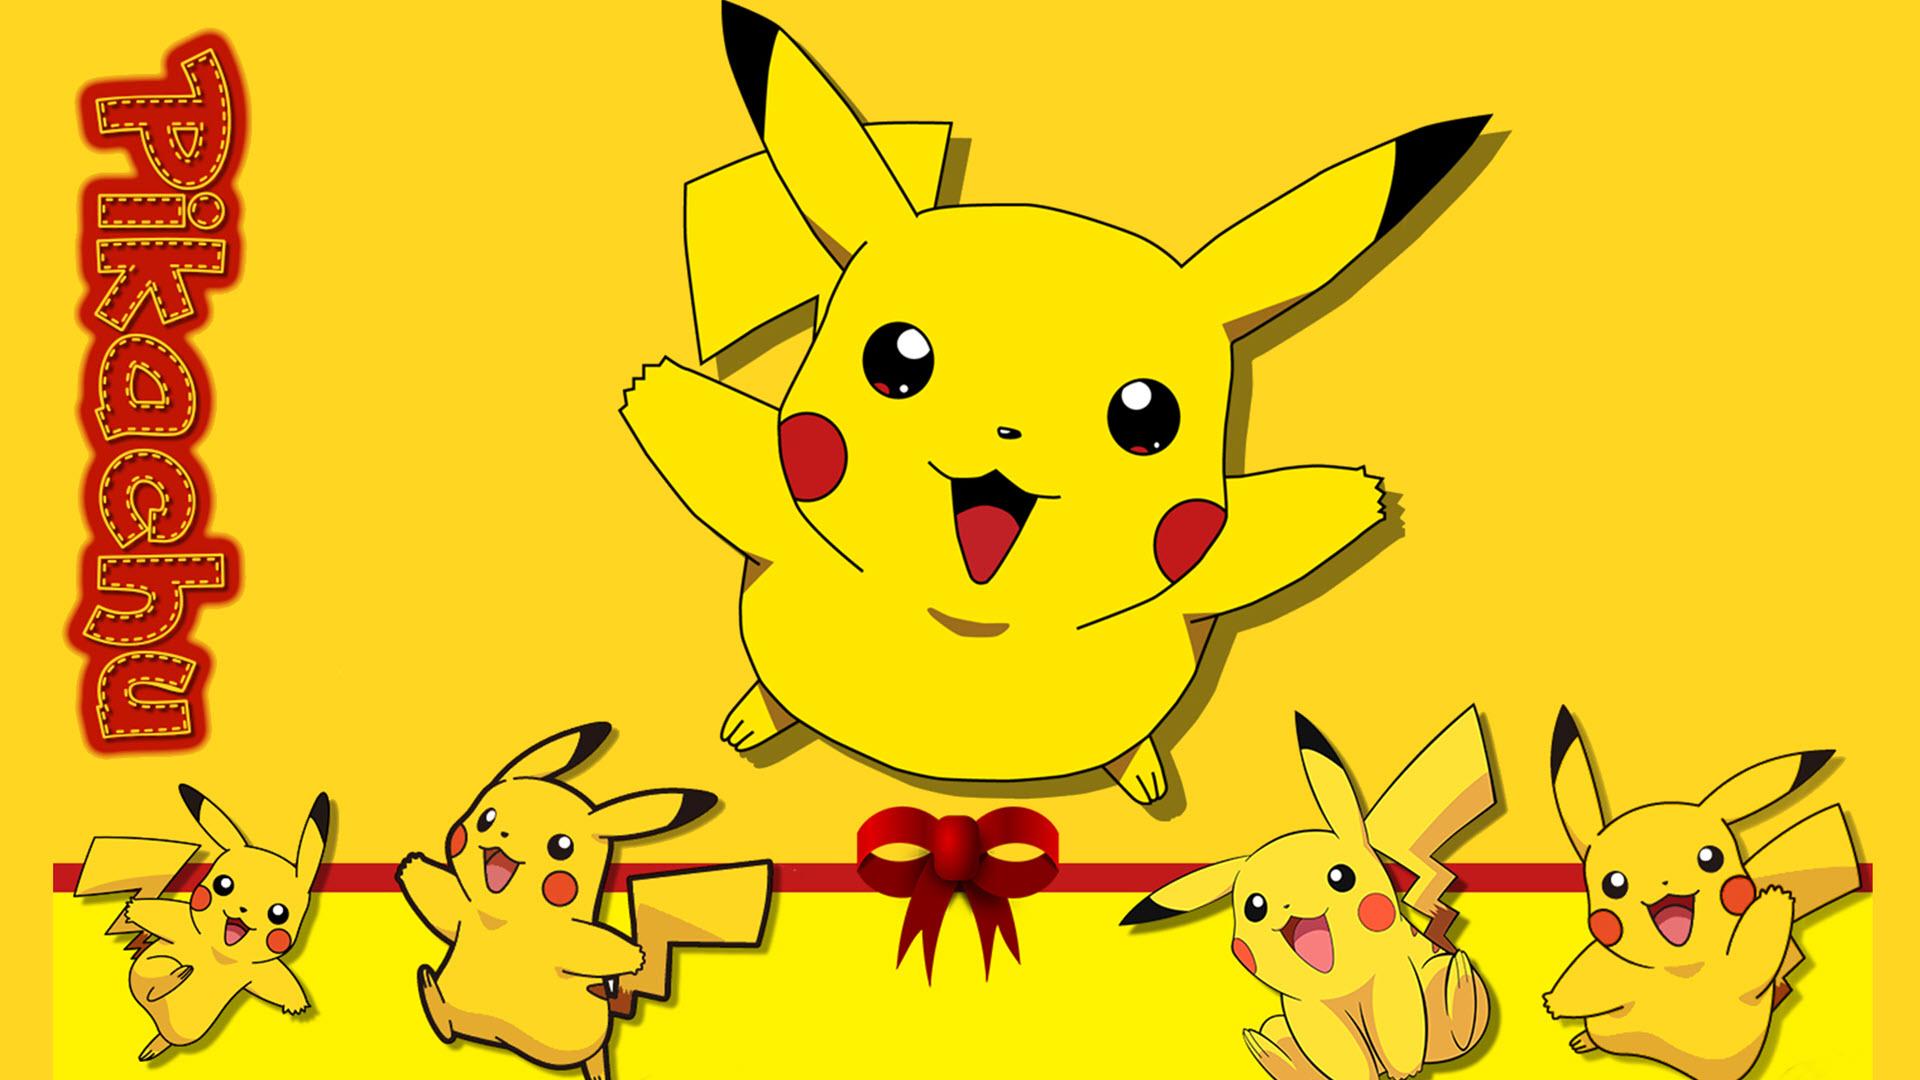 Ảnh nền Pikachu vui vẻ hài hước